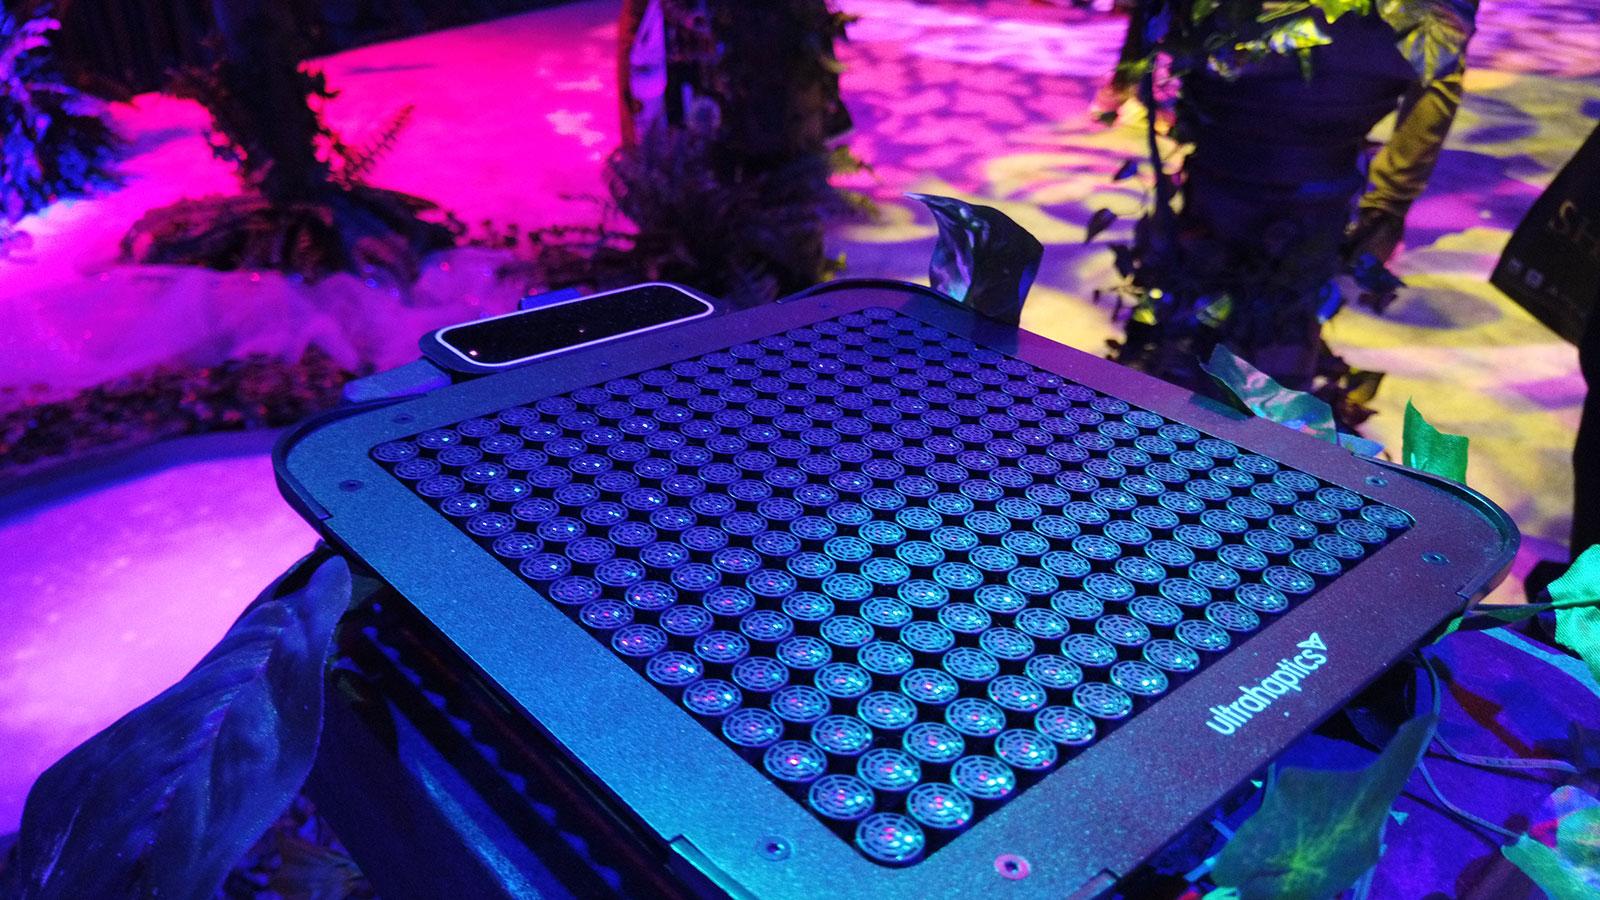 Ultraleap's haptic technology dev kit